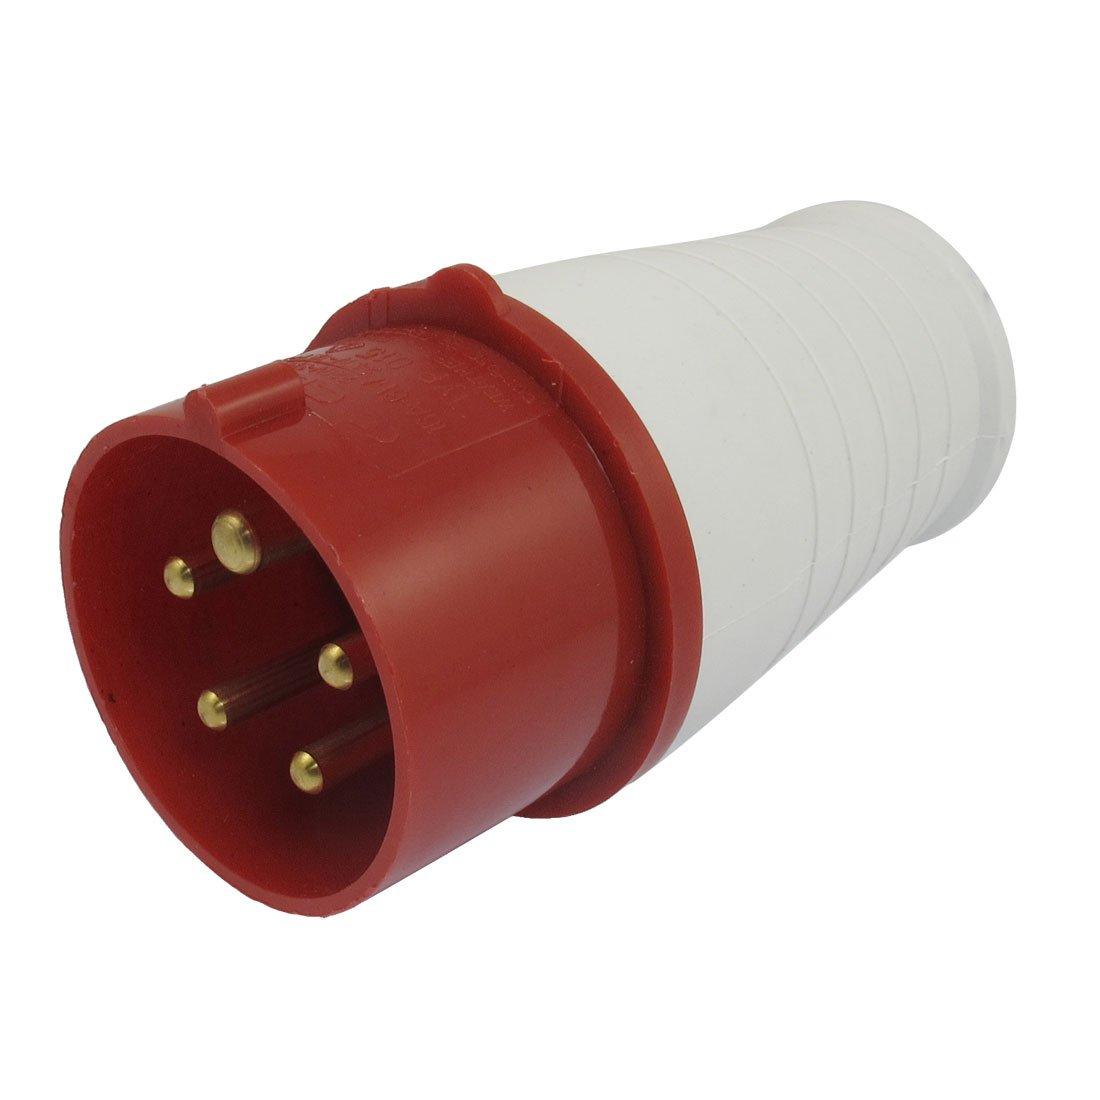 sourcingmap® AC 220 - 380V/240-415V 16A 3P+E+N IEC309-2 Industrial Conector a12072300ux0030